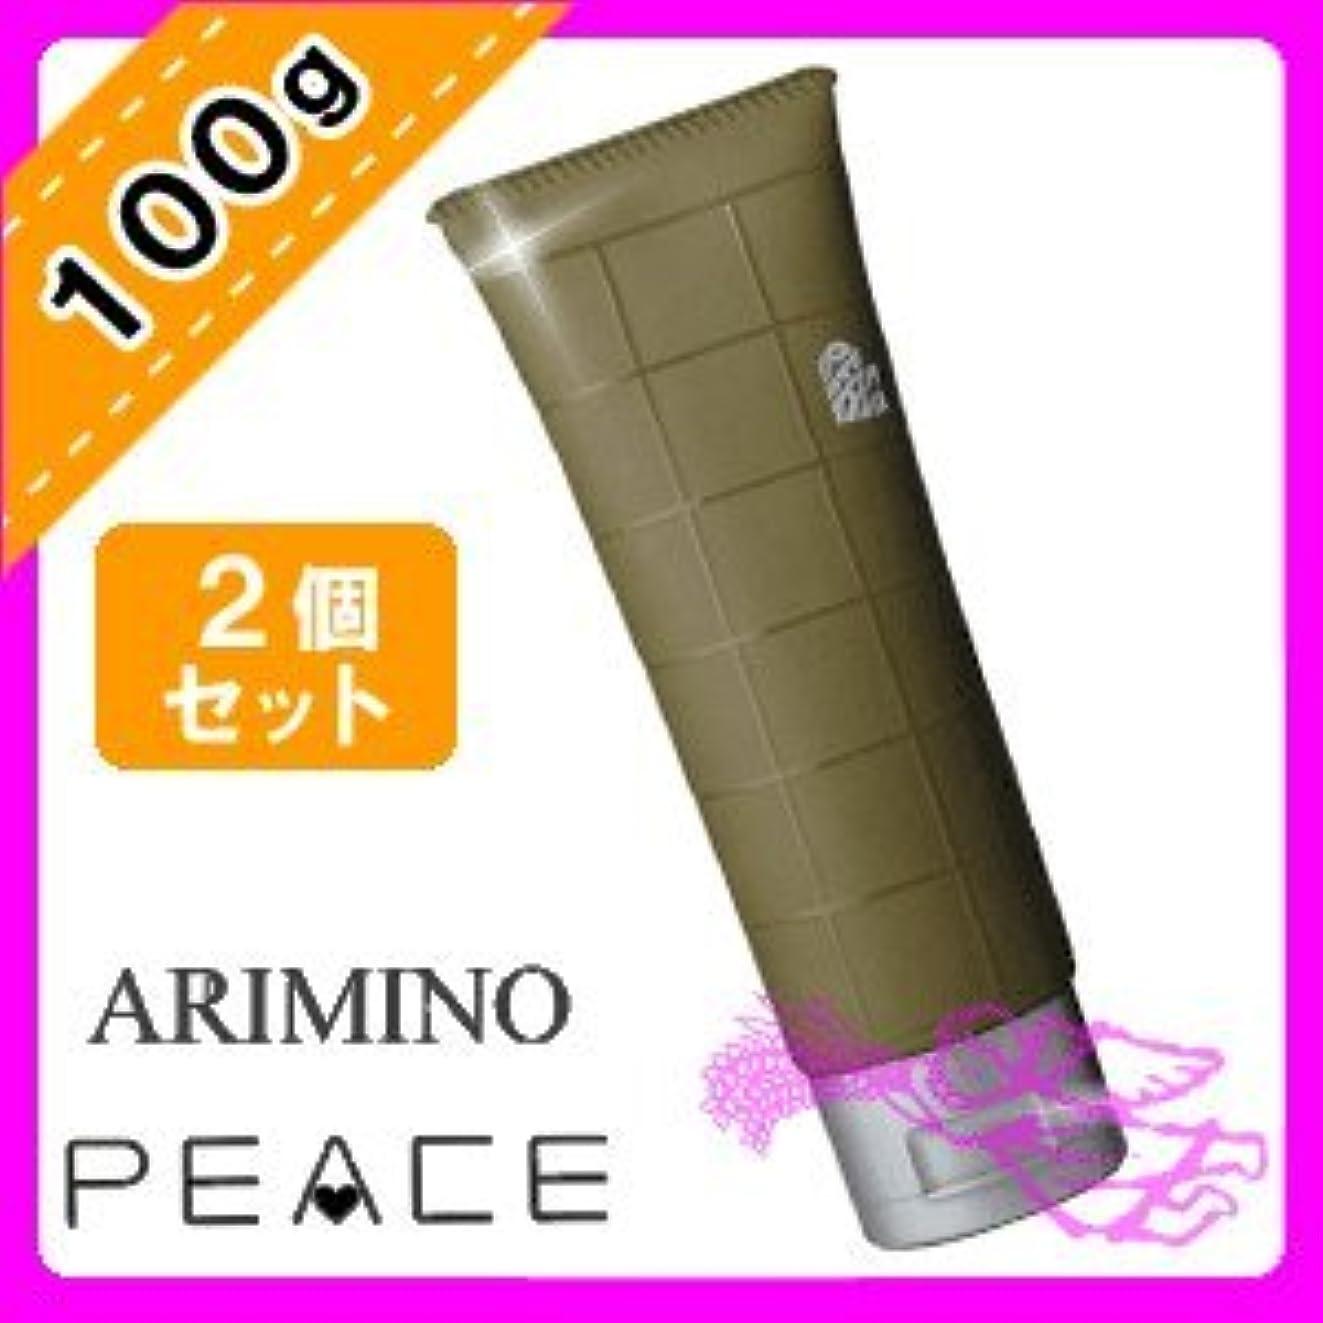 初期のれん専らアリミノ ピース ウェットオイル ワックス 100g ×2個セット arimino PEACE